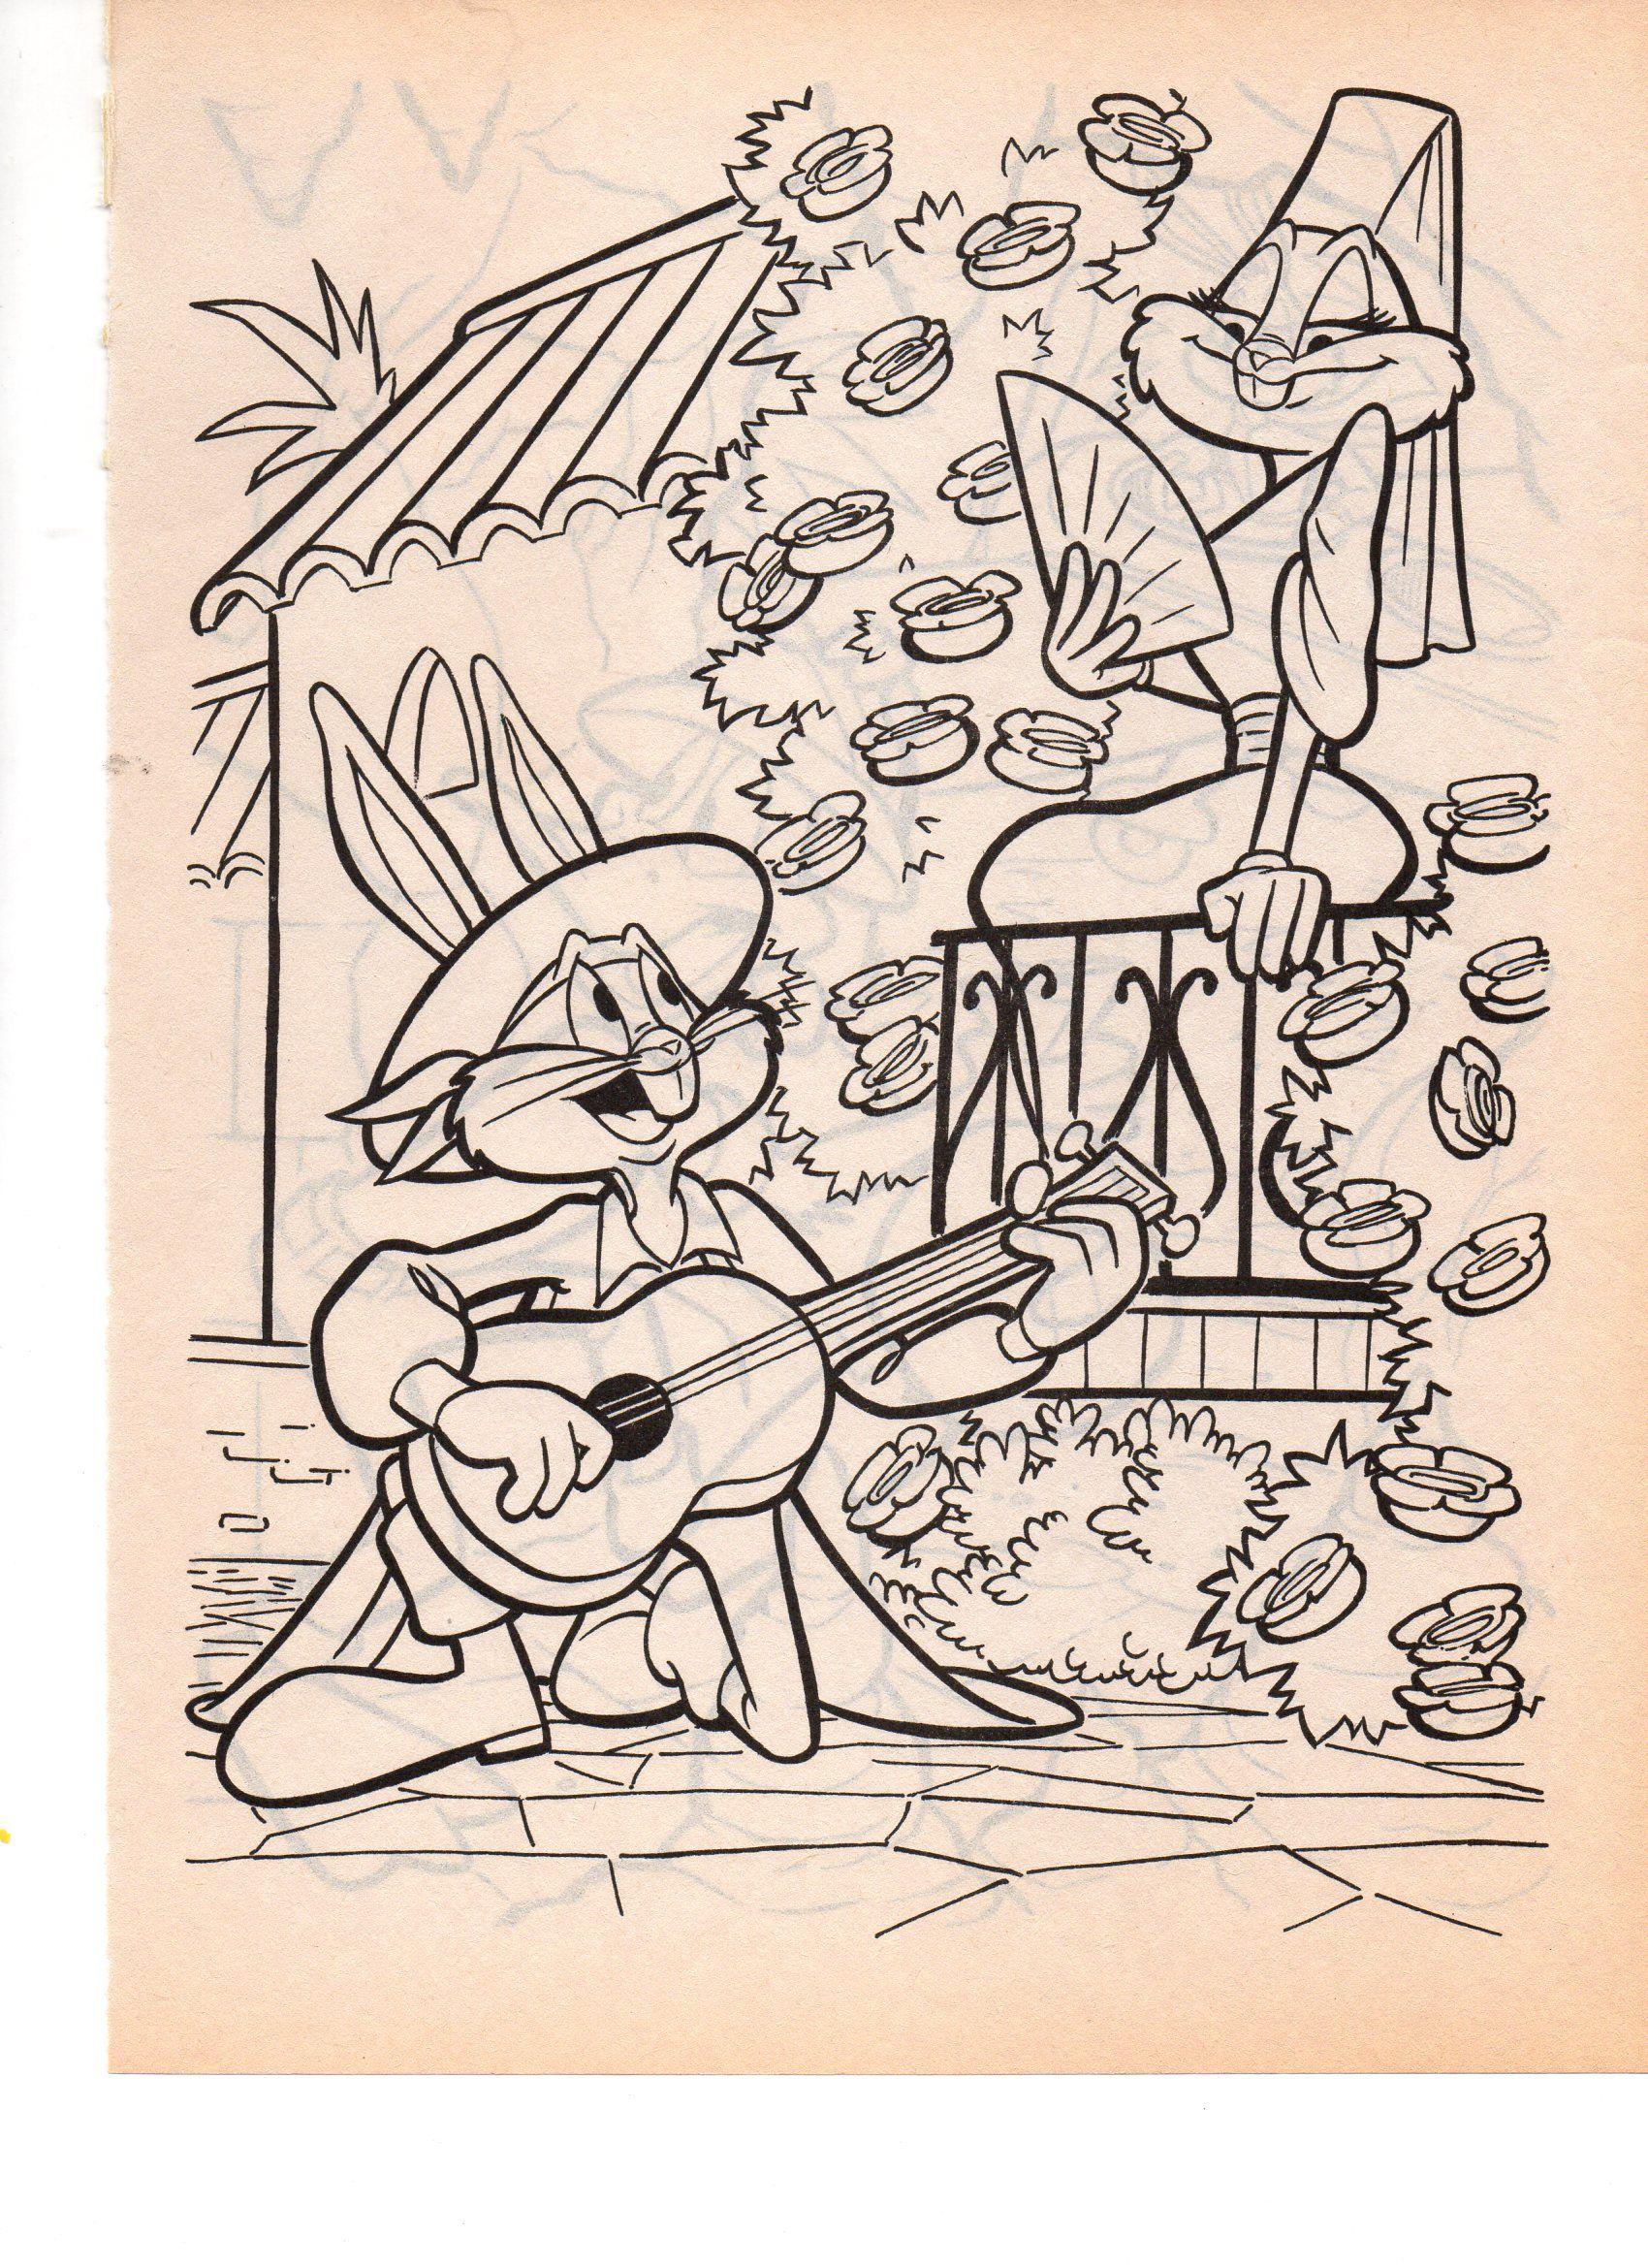 Pin by * Pika! on * Honey Bunny! | Looney tunes, Honey ...